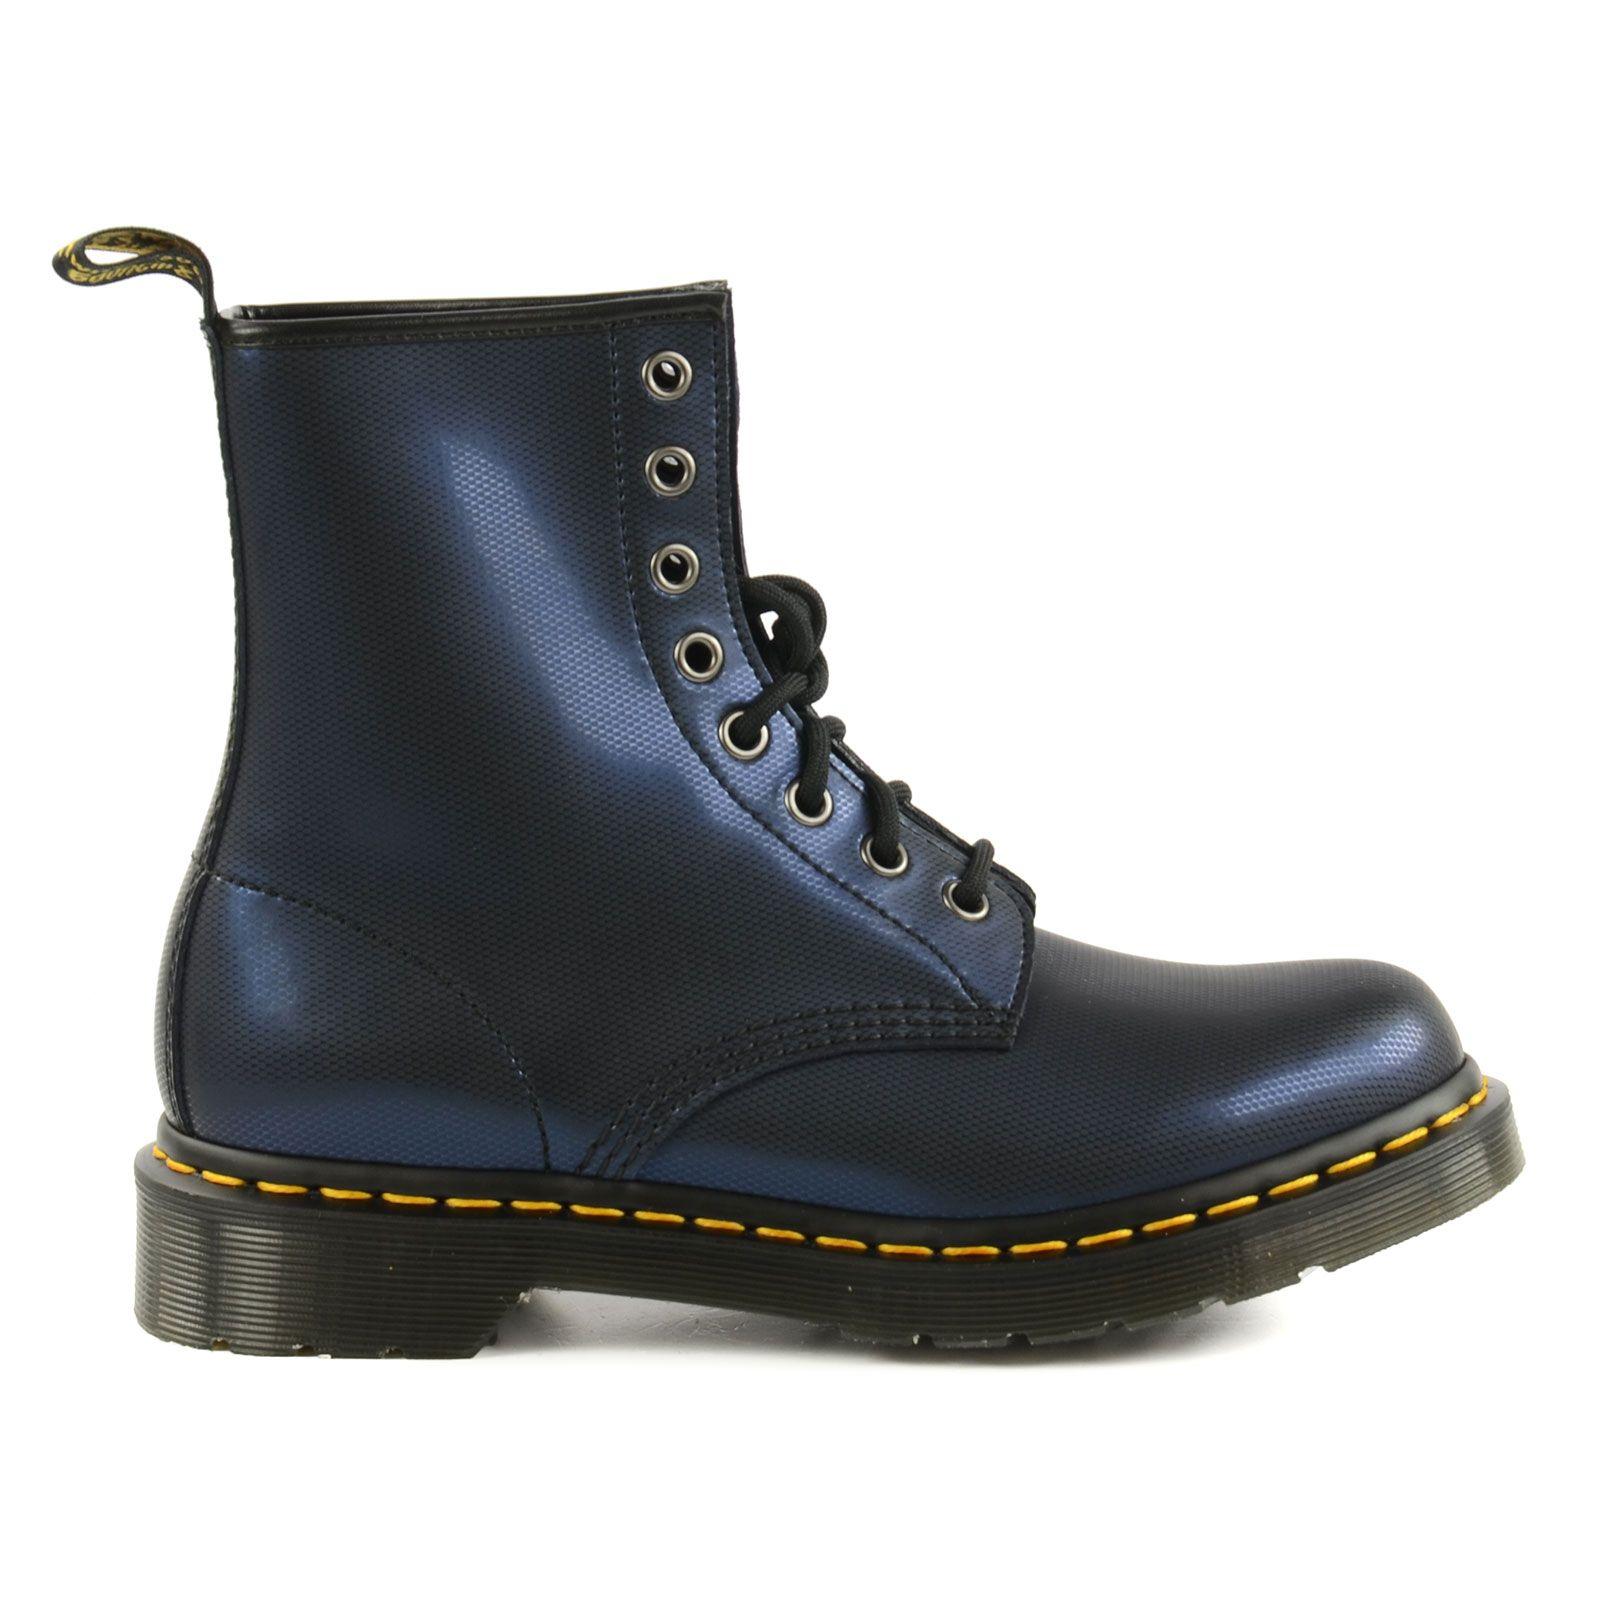 Dr Bleu. Martens Chaussures Lisses Pour Les Hommes NvV3gZqSVs